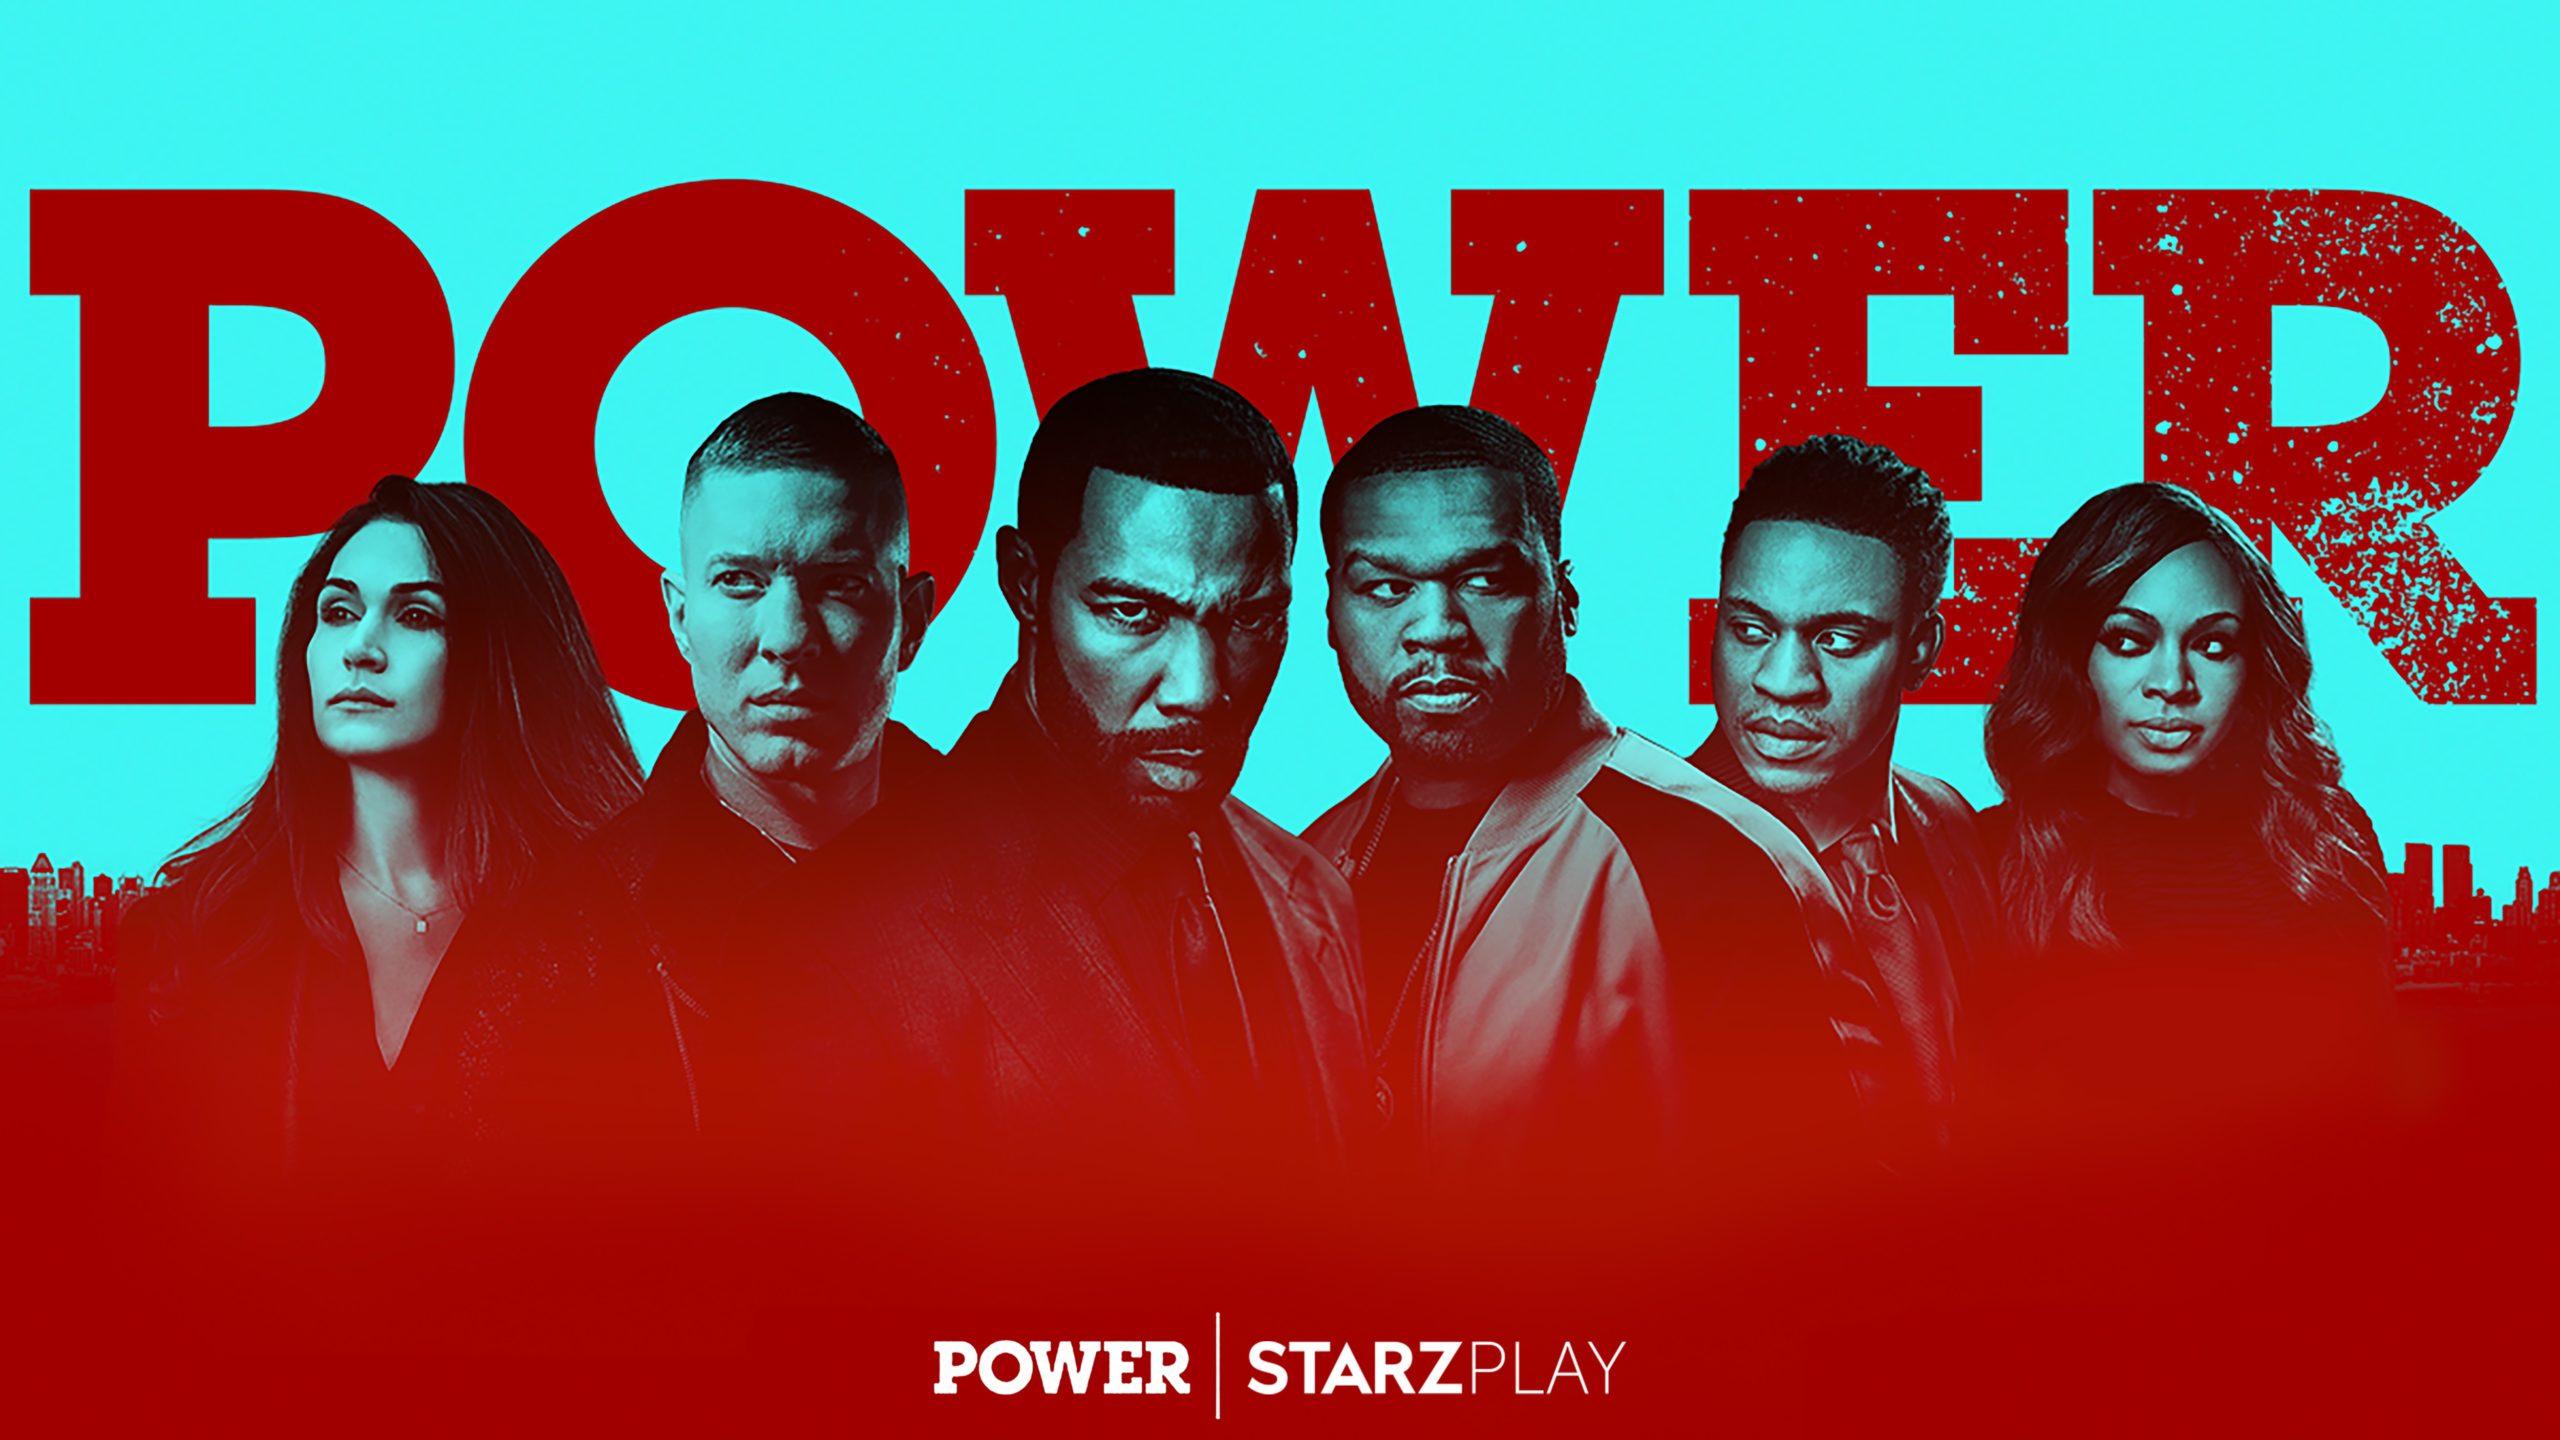 Power returns for season 5